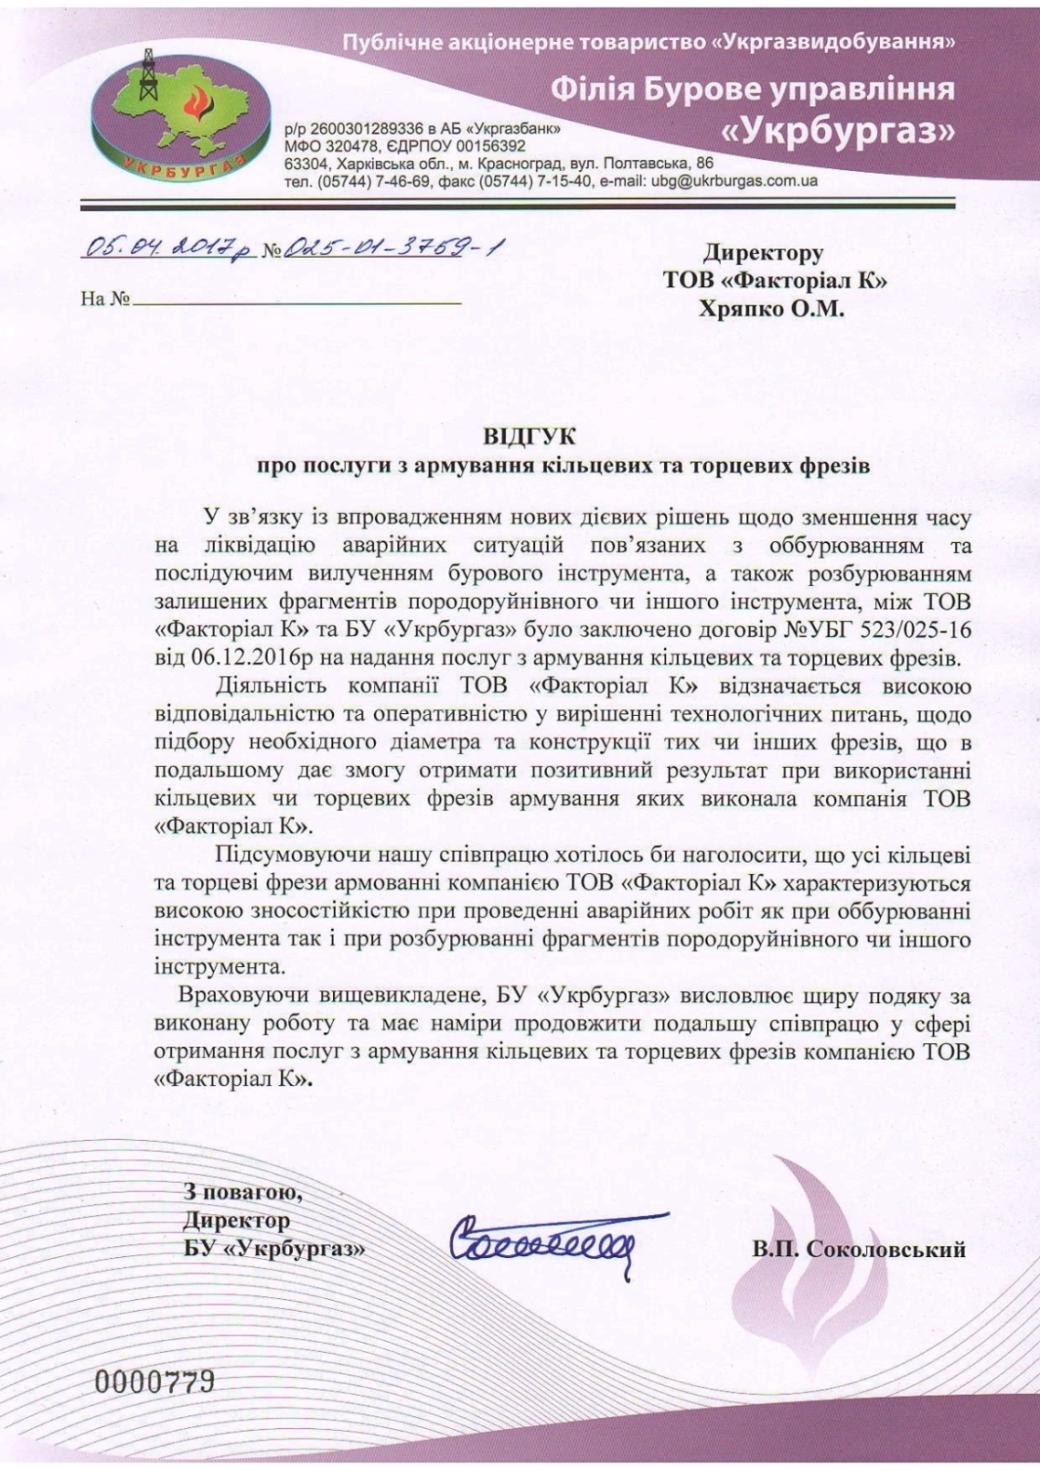 UkrBurGaz_response